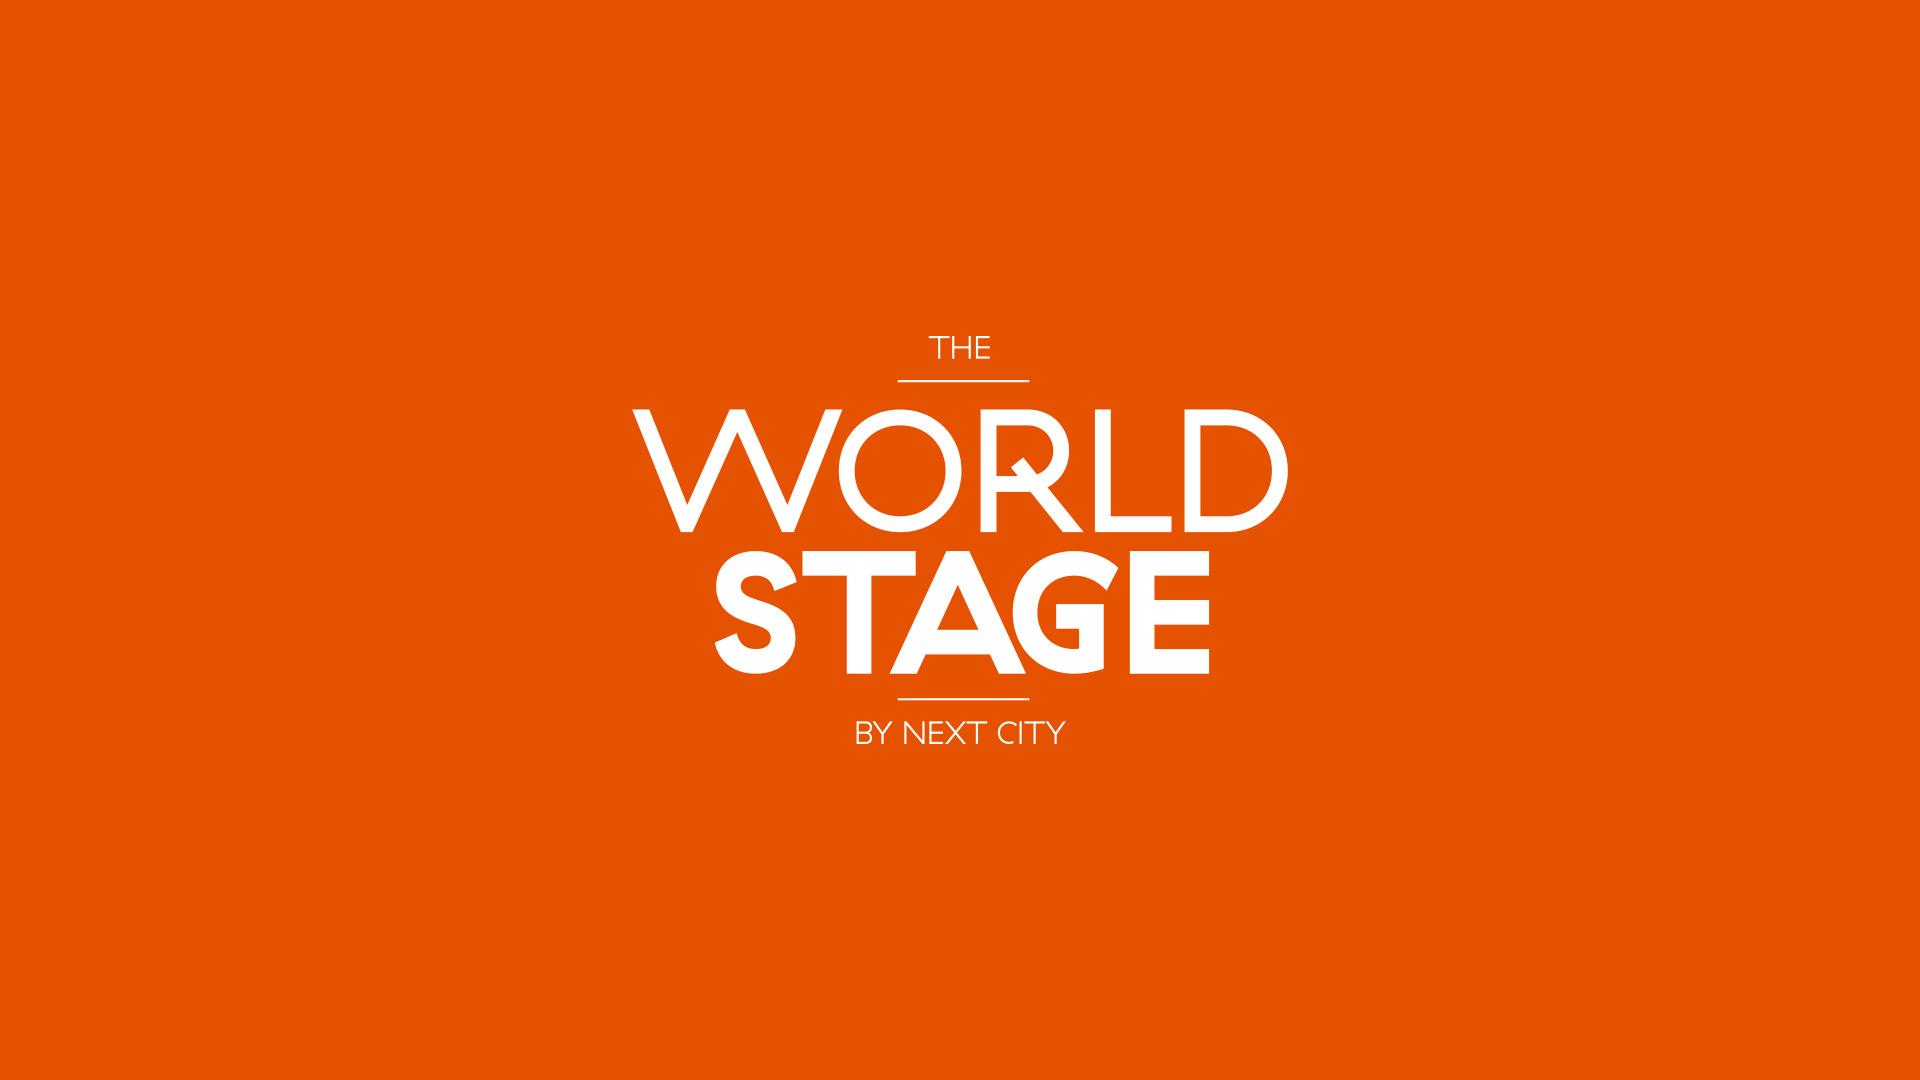 studio_anthony_smyrski_theworldstage_01